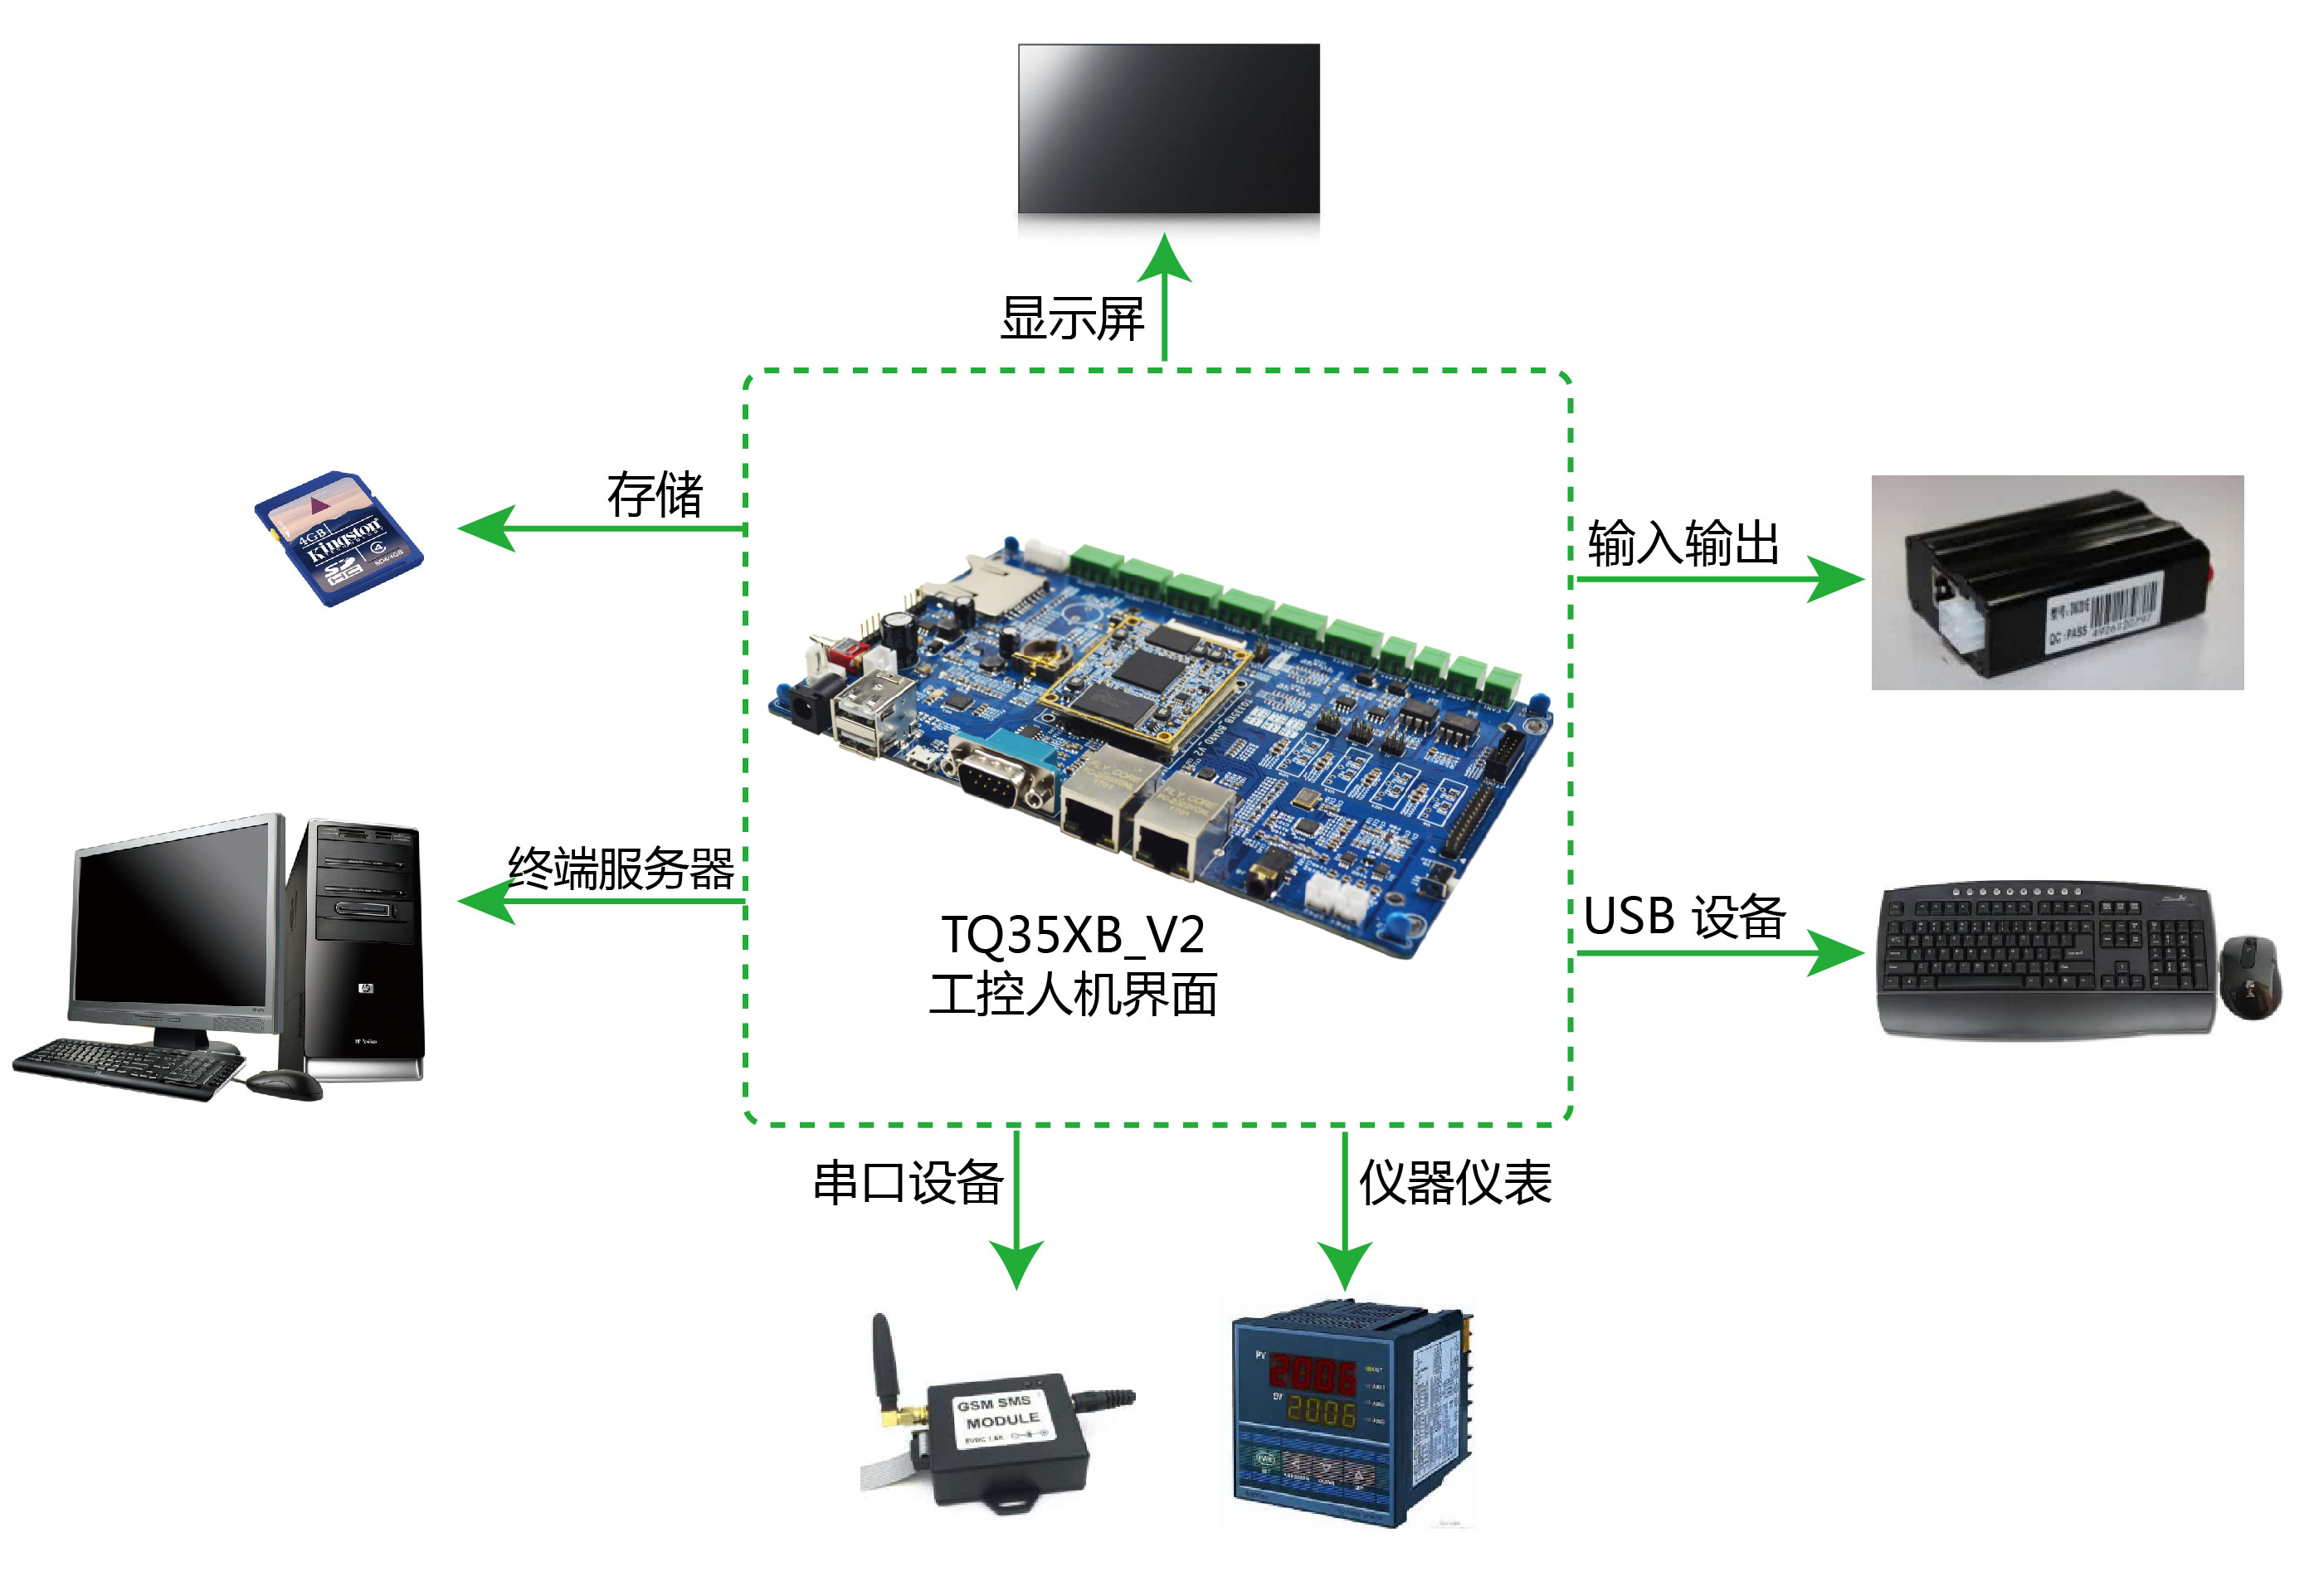 工業自動化HMI界面開發板應用方案的詳細介紹